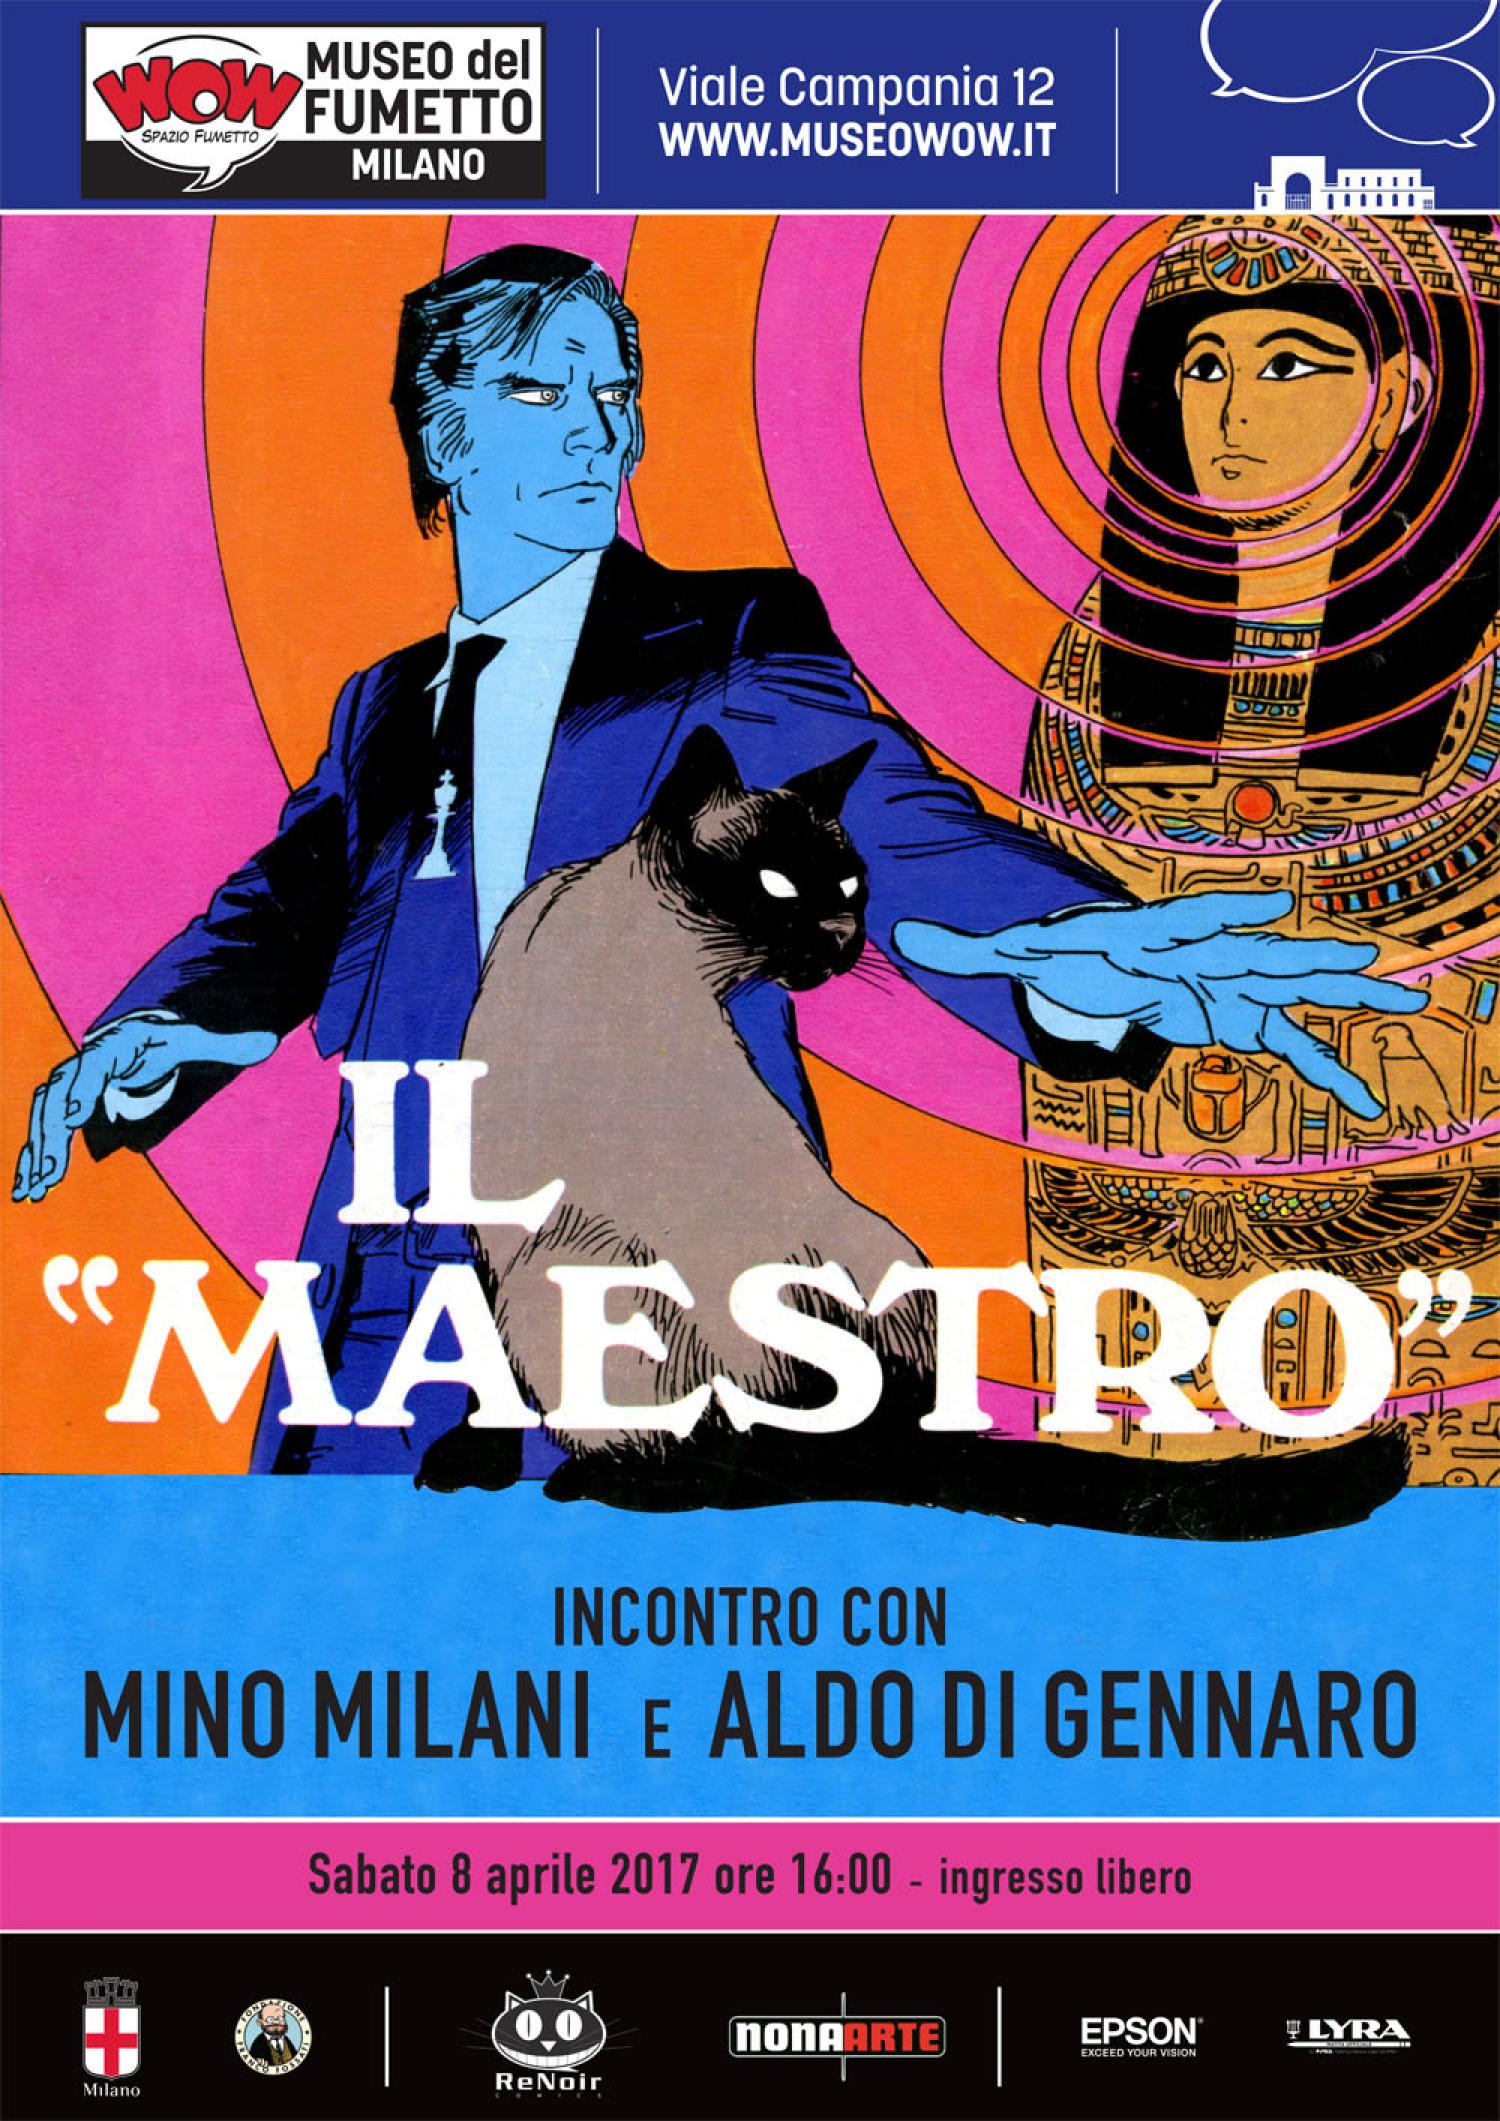 """<p><strong>Il Maestro era una delle colonne portanti del <em><a target=""""_blank"""" href=""""http://www.lfb.it/fff/fumetto/test/c/cdr.htm"""">Corriere dei Ragazzi</a></em></strong>, la versione &ldquo;da grandi&rdquo; del <em><a target=""""_blank"""" href=""""http://www.lfb.it/fff/fumetto/test/c/cdp.htm"""">Corriere dei Piccoli</a></em>, pubblicata tra il 1972 e il 1976. Il Maestro nasce sul numero 7 del 1974 &ndash; lo stesso numero sul quale esordisce Lupo Alberto &ndash; <strong>dalla fantasia di <a target=""""_blank"""" href=""""http://www.lfb.it/fff/fumetto/aut/m/milani.htm"""">Mino Milani</a> e dalle matite di <a target=""""_blank"""" href=""""http://www.lfb.it/fff/fumetto/aut/d/digennaro.htm"""">Aldo Di Gennaro</a></strong>. &Egrave; un personaggio misterioso, un uomo di cui si conosce solo il nome proprio, Maximus. <strong>Studioso dell&#39;occulto e dotato di poteri paranormali</strong>, combatte contro le forze oscure che minacciano il mondo. Nelle sue storie si fondono <strong>mistero, leggende, archeologia e ufologia</strong>, precedendo di parecchi anni due personaggi pi&ugrave; noti, molto legati a questi temi, ovvero Martin Myst&egrave;re (1982) e Dylan Dog (1986). Ad affiancare il Maestro nelle sue avventure troviamo la gatta Nardy, anche lei sensibile al paranormale, il maggiordomo Astor e soprattutto il bel tenente di polizia Velda Morris. <strong>La nuova edizione delle sue avventure pubblicata da <a target=""""_blank"""" href=""""http://www.renoircomics.it/"""">ReNoir Comics/NonaArte</a>, presentata in anteprima a WOW Spazio Fumetto, &egrave; la prima che ne raccoglie tutti gli episodi</strong>, compresi i due disegnati da Giancarlo Alessandrini, creatore grafico di Martin Myst&egrave;re. <strong>Sabato 8 aprile alle ore 16:00 gli autori Mino Milani e Aldo Di Gennaro saranno ospiti a WOW Spazio Fumetto</strong>, parlando del loro personaggio, del loro metodo di lavoro e per ripercorrere assieme agli appassionati le loro lunghe e ricche carriere, fondamentali per la storia del fumetto italiano. <strong>G"""